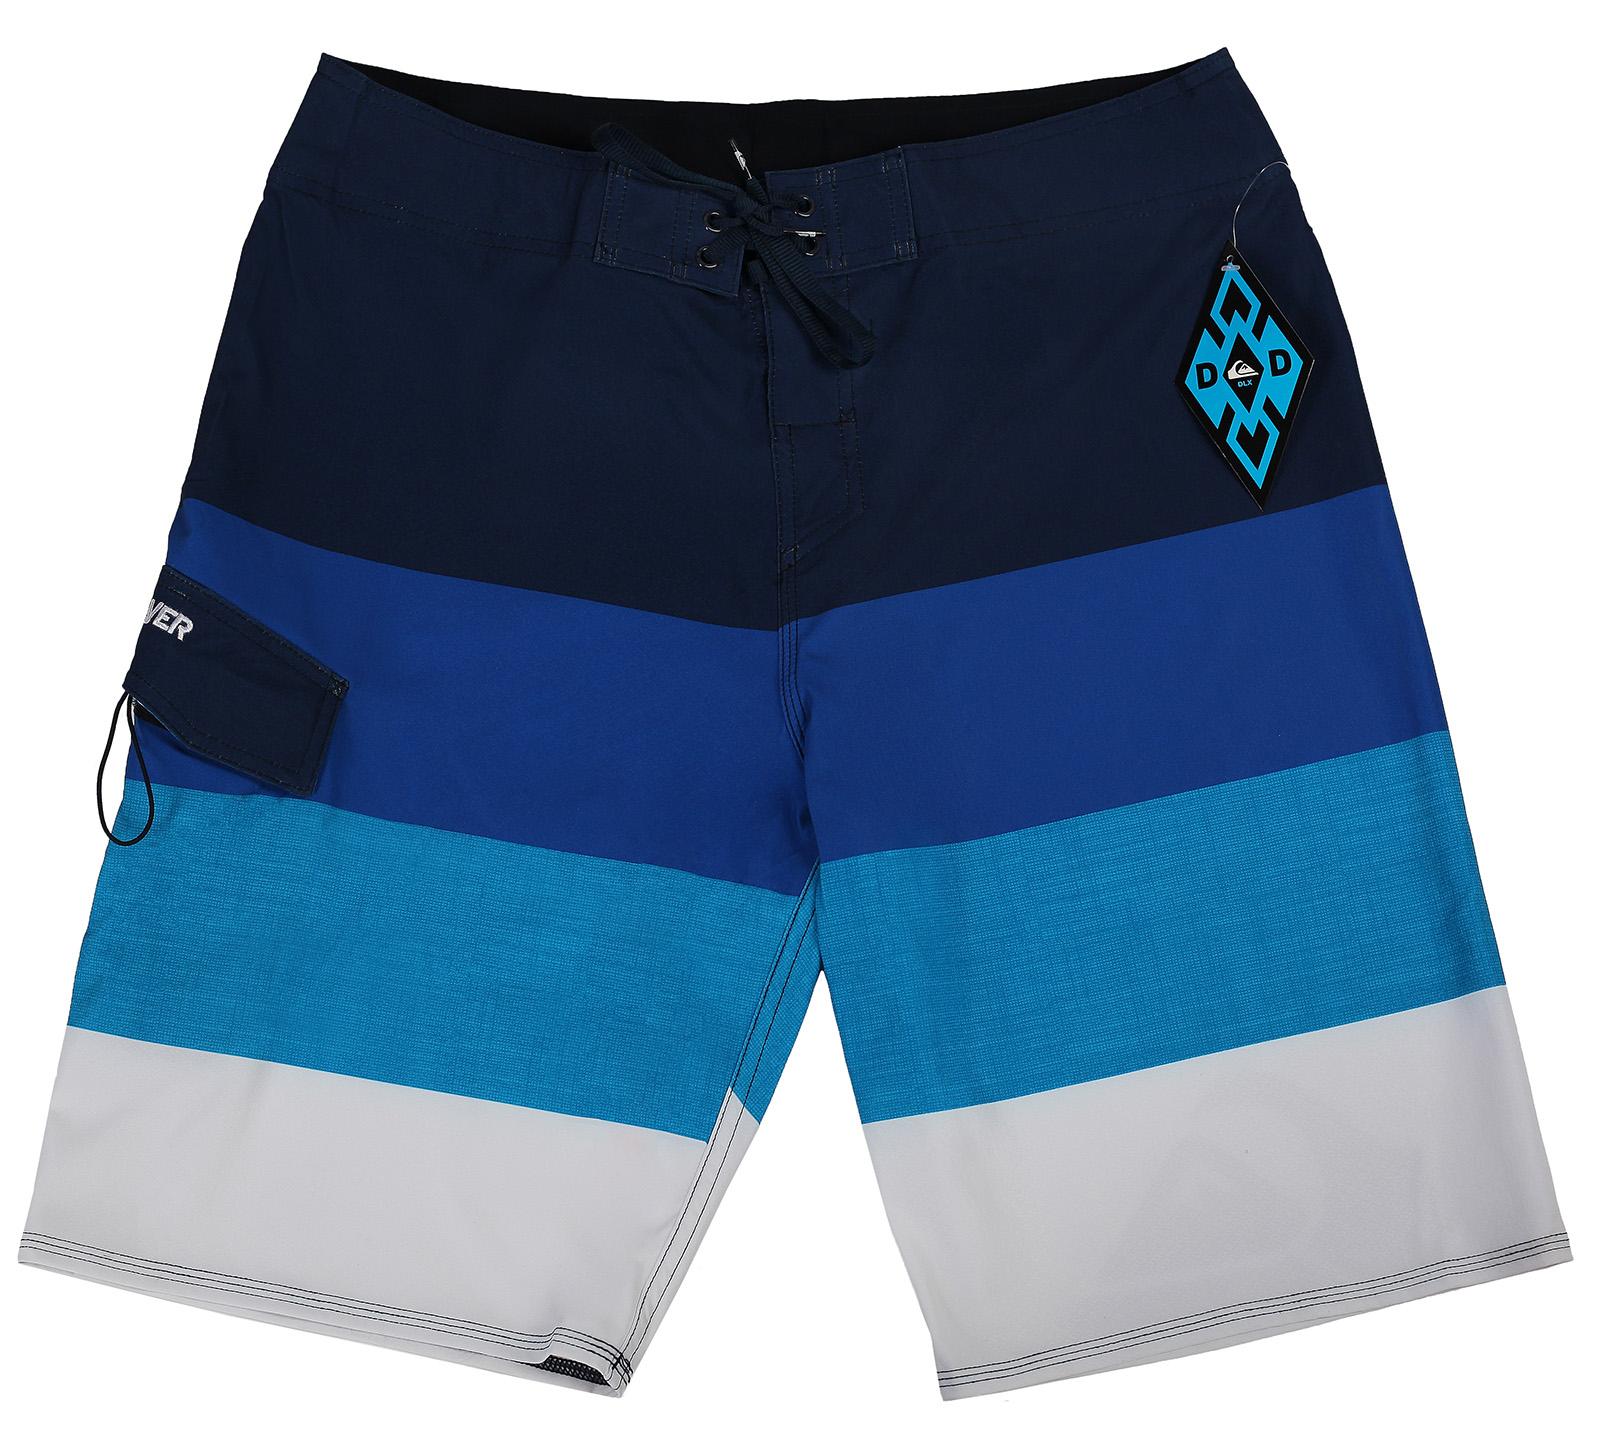 Пляжные шорты Quiksilver  в широкую горизонтальную полоску